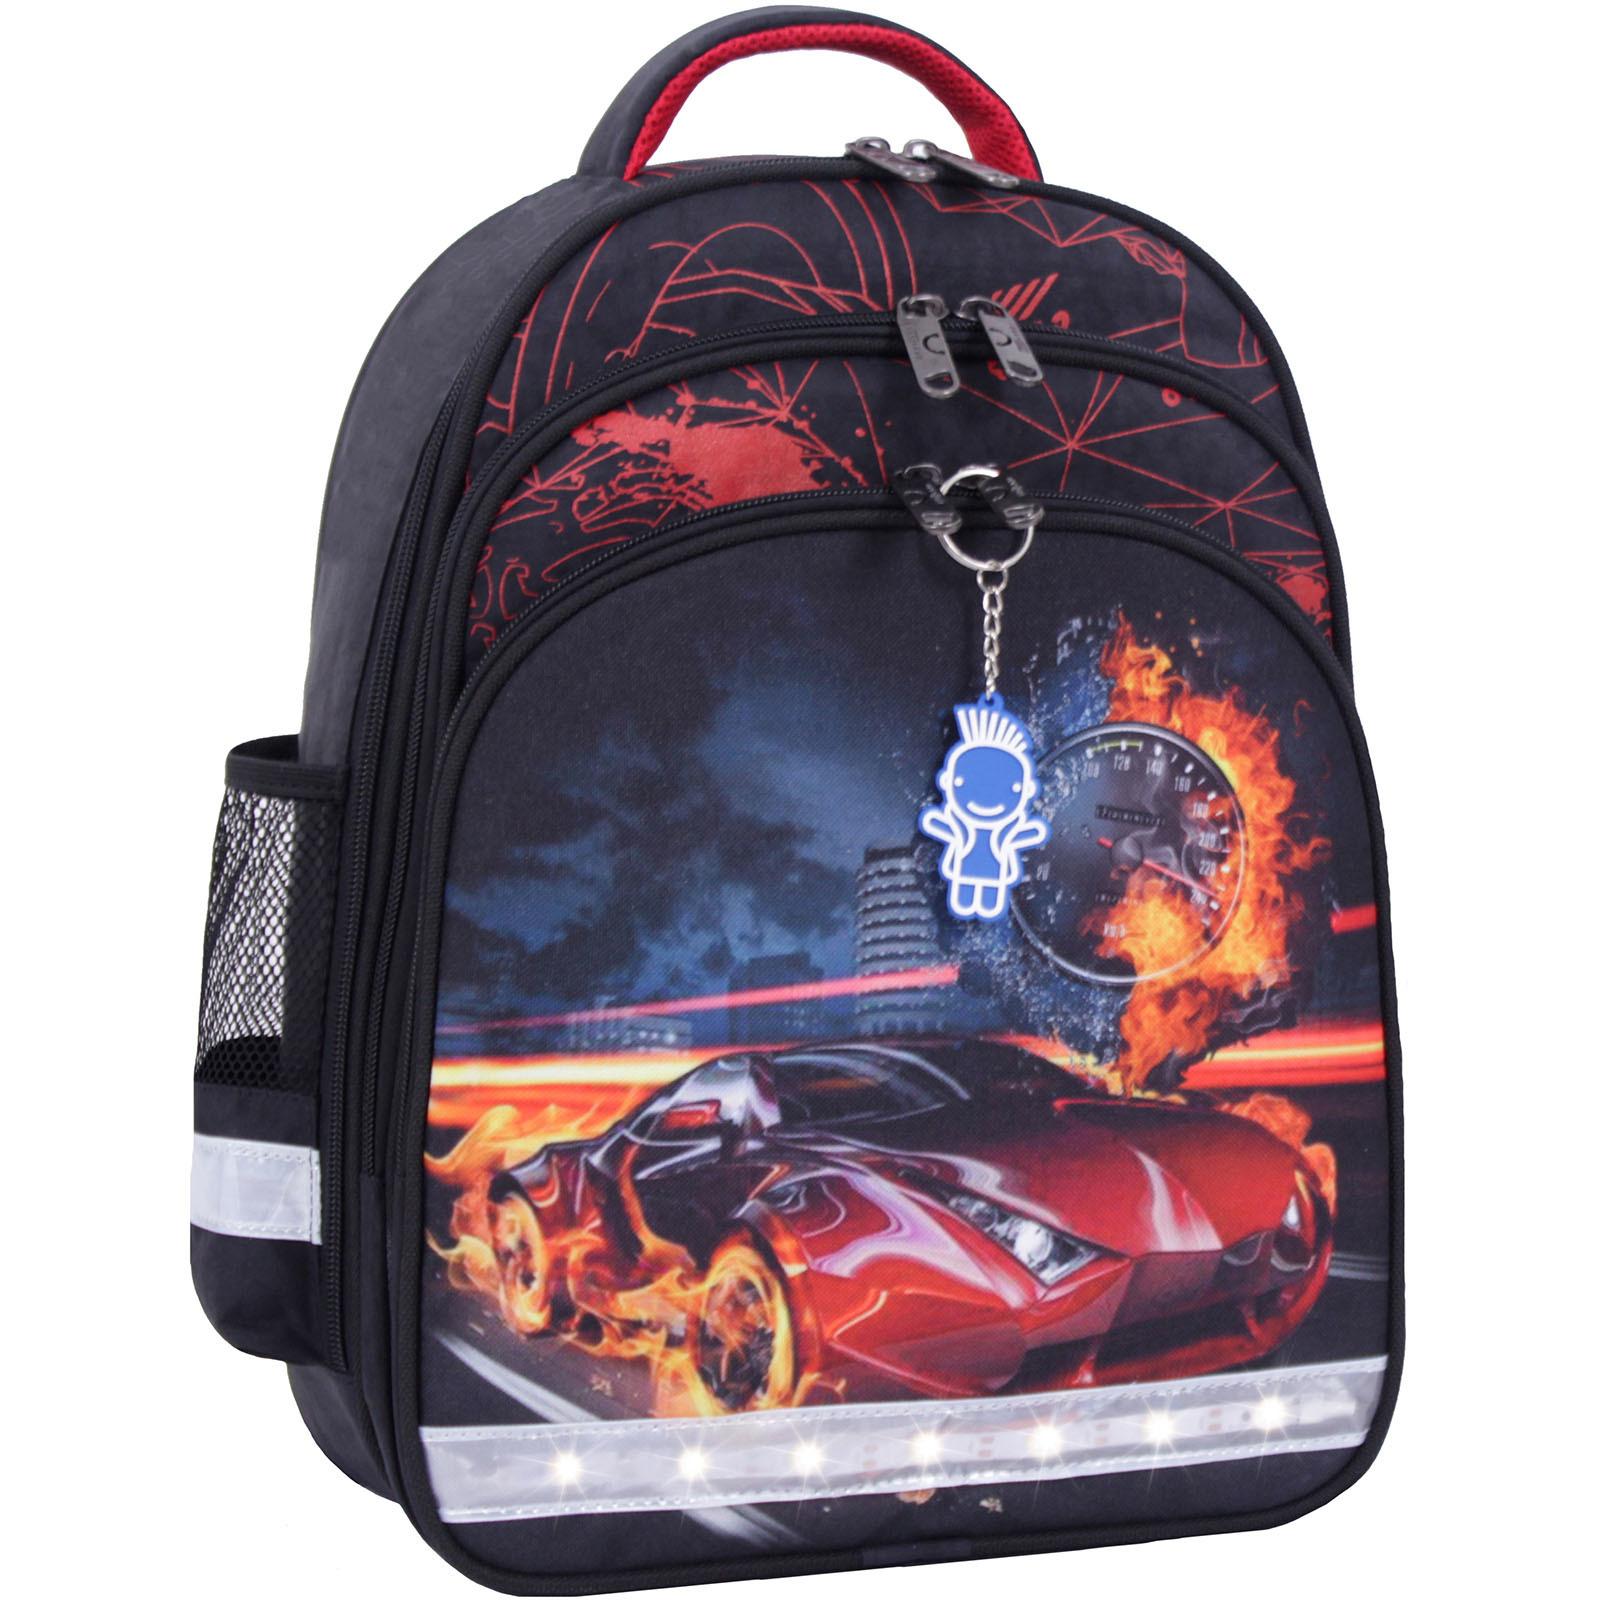 Рюкзак школьный Bagland Mouse черный 57м (0051370) фото 1